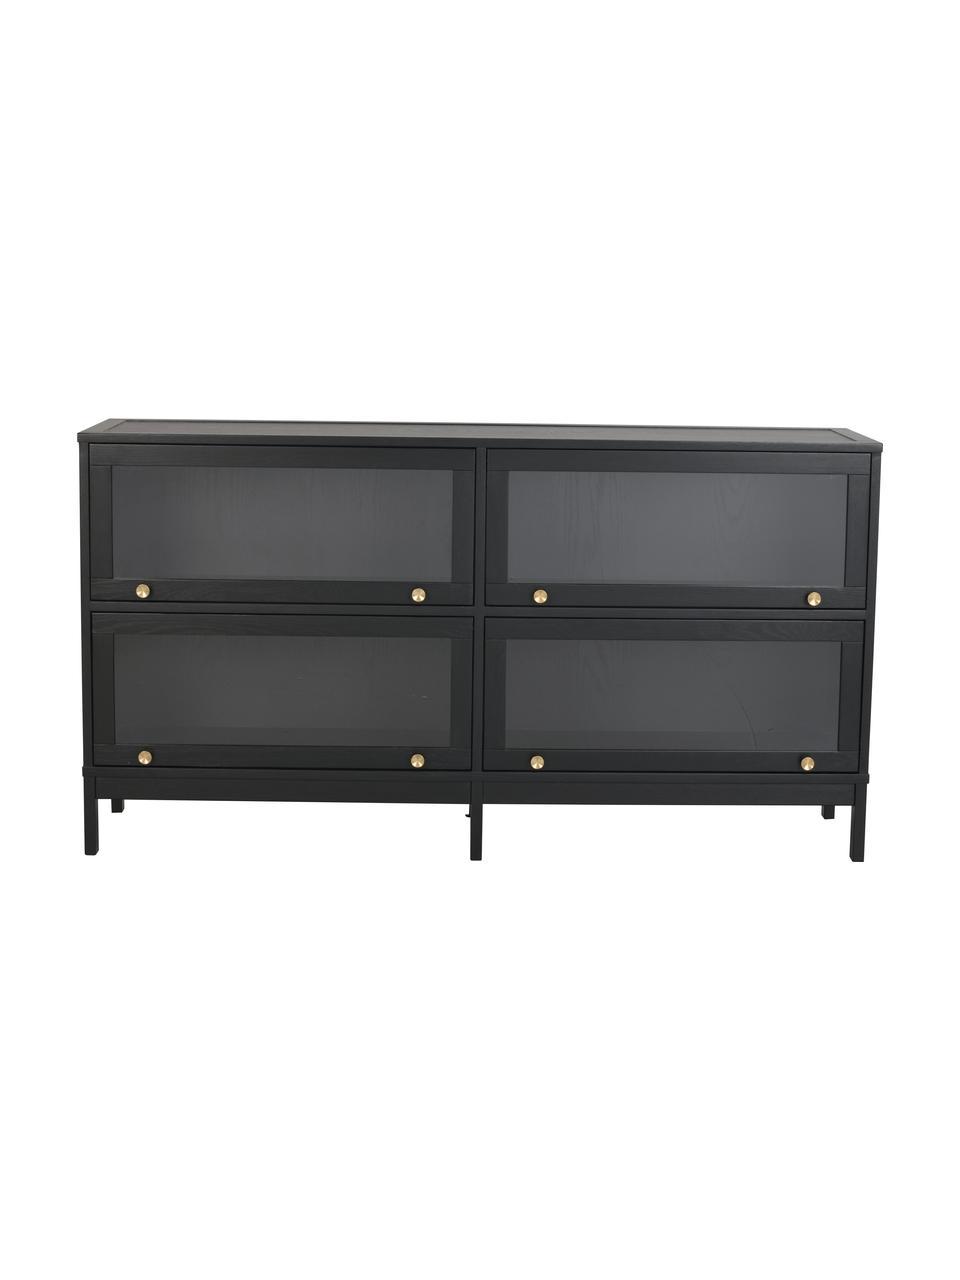 Sideboard Kilmore in Schwarz mit Klapptüren, Griffe: Metall, lackiert, gebürst, Schwarz, 150 x 81 cm